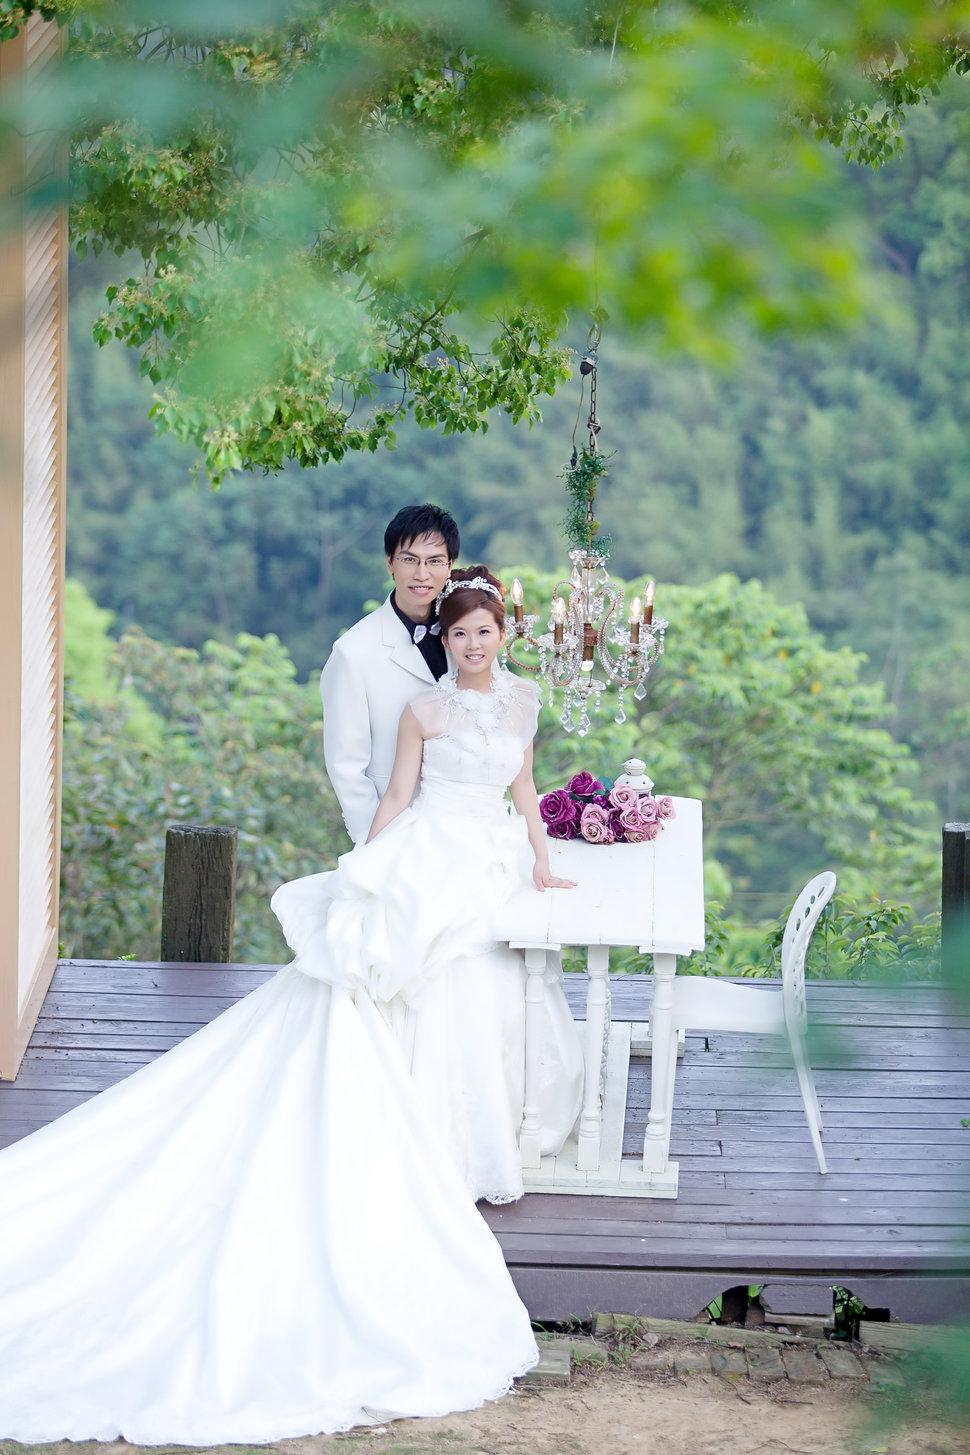 0-162 - 台中2號出口婚紗攝影工作室 - 結婚吧